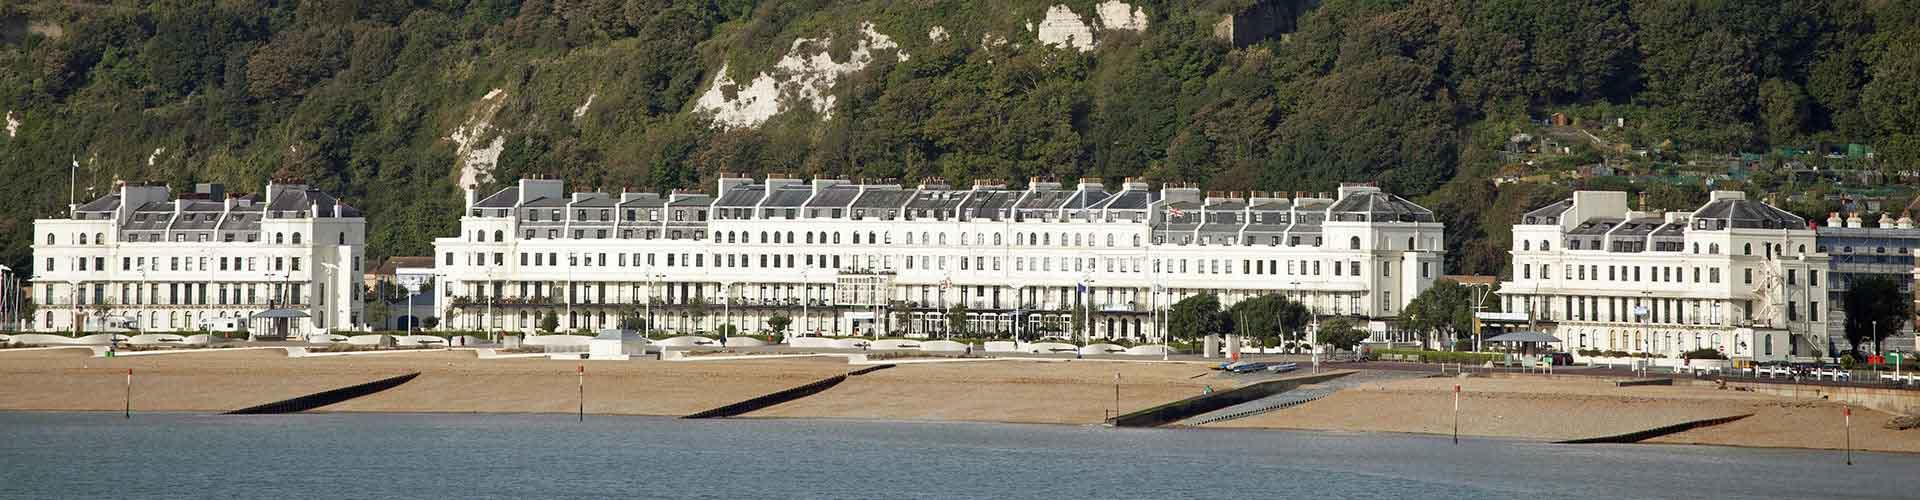 Dover - Hôtels à Dover. Cartes pour Dover, photos et commentaires pour chaque hôtel à Dover.